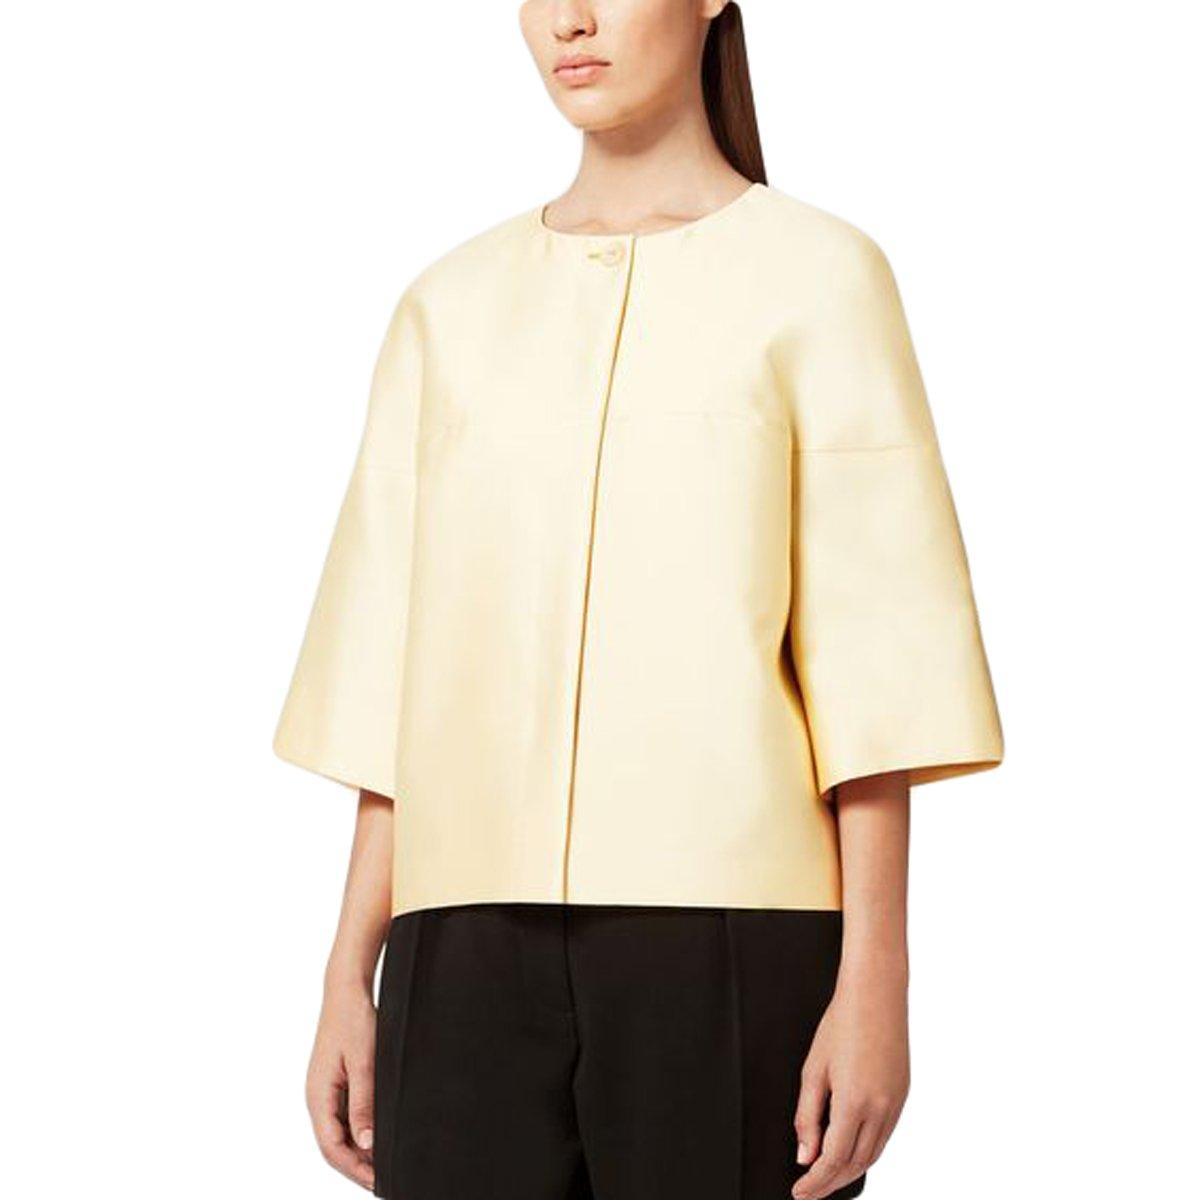 MaxMara Women's Torre Short Sleeve Crewneck Jacket Sz 12 Yellow